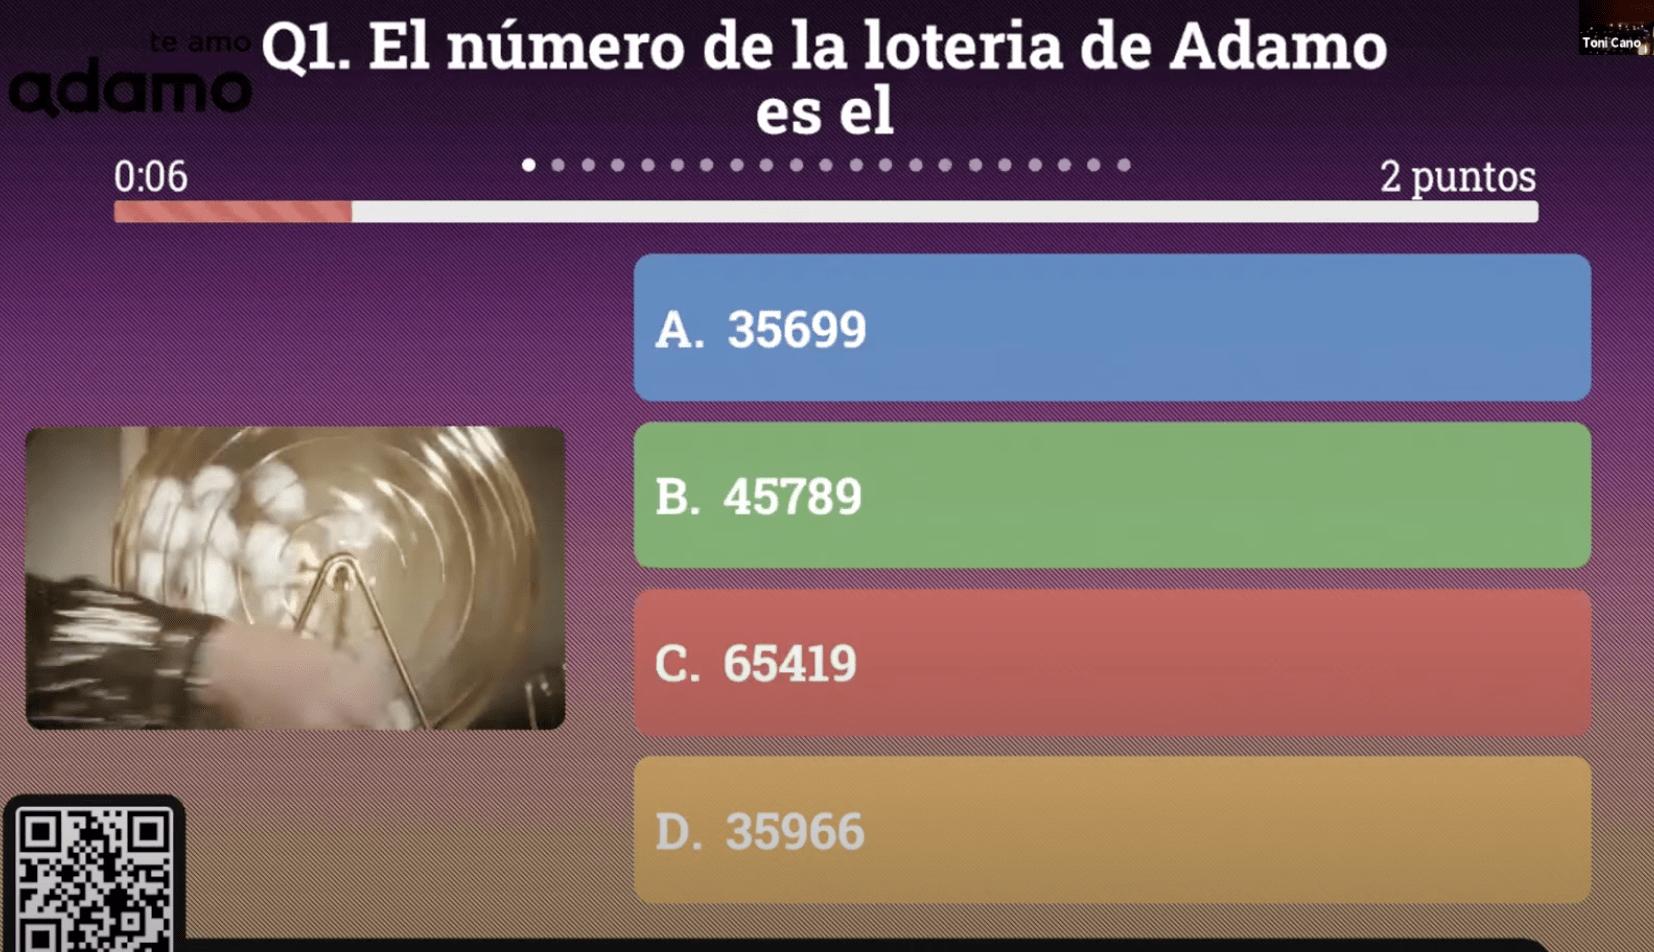 adamo-telecom-evento-navidad-virtual1